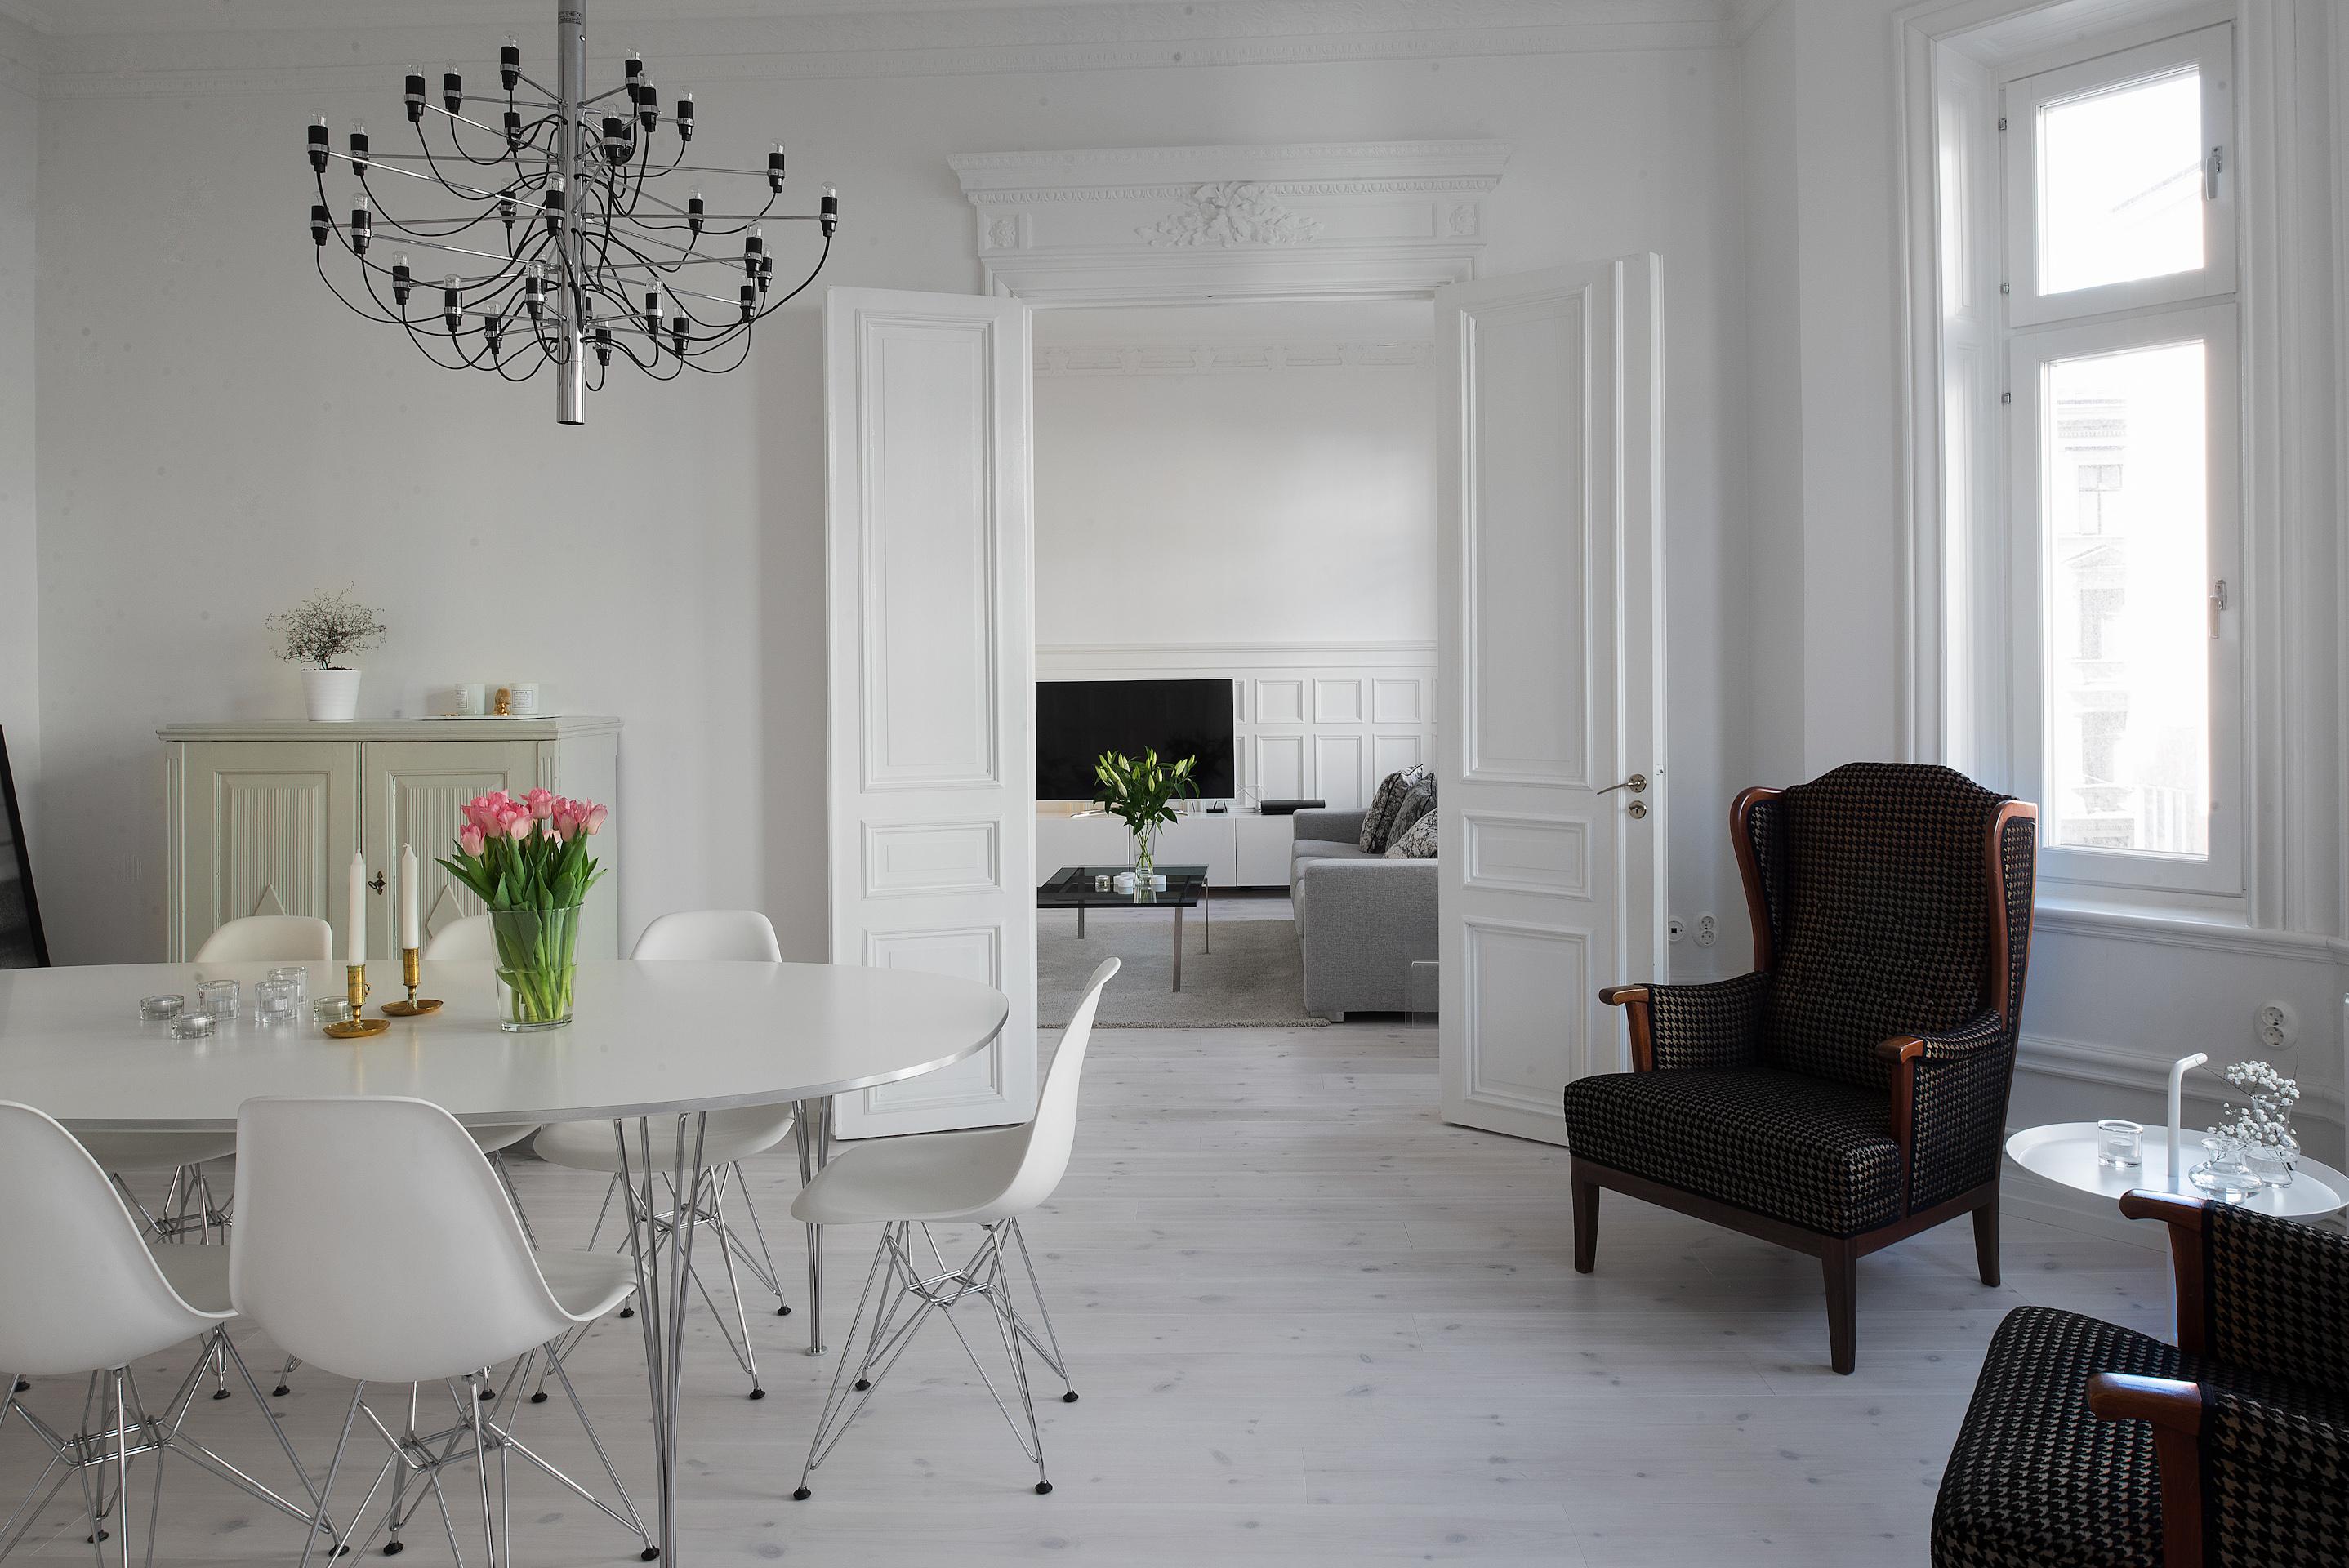 piso elegante y moderno con elementos originales - blog tienda